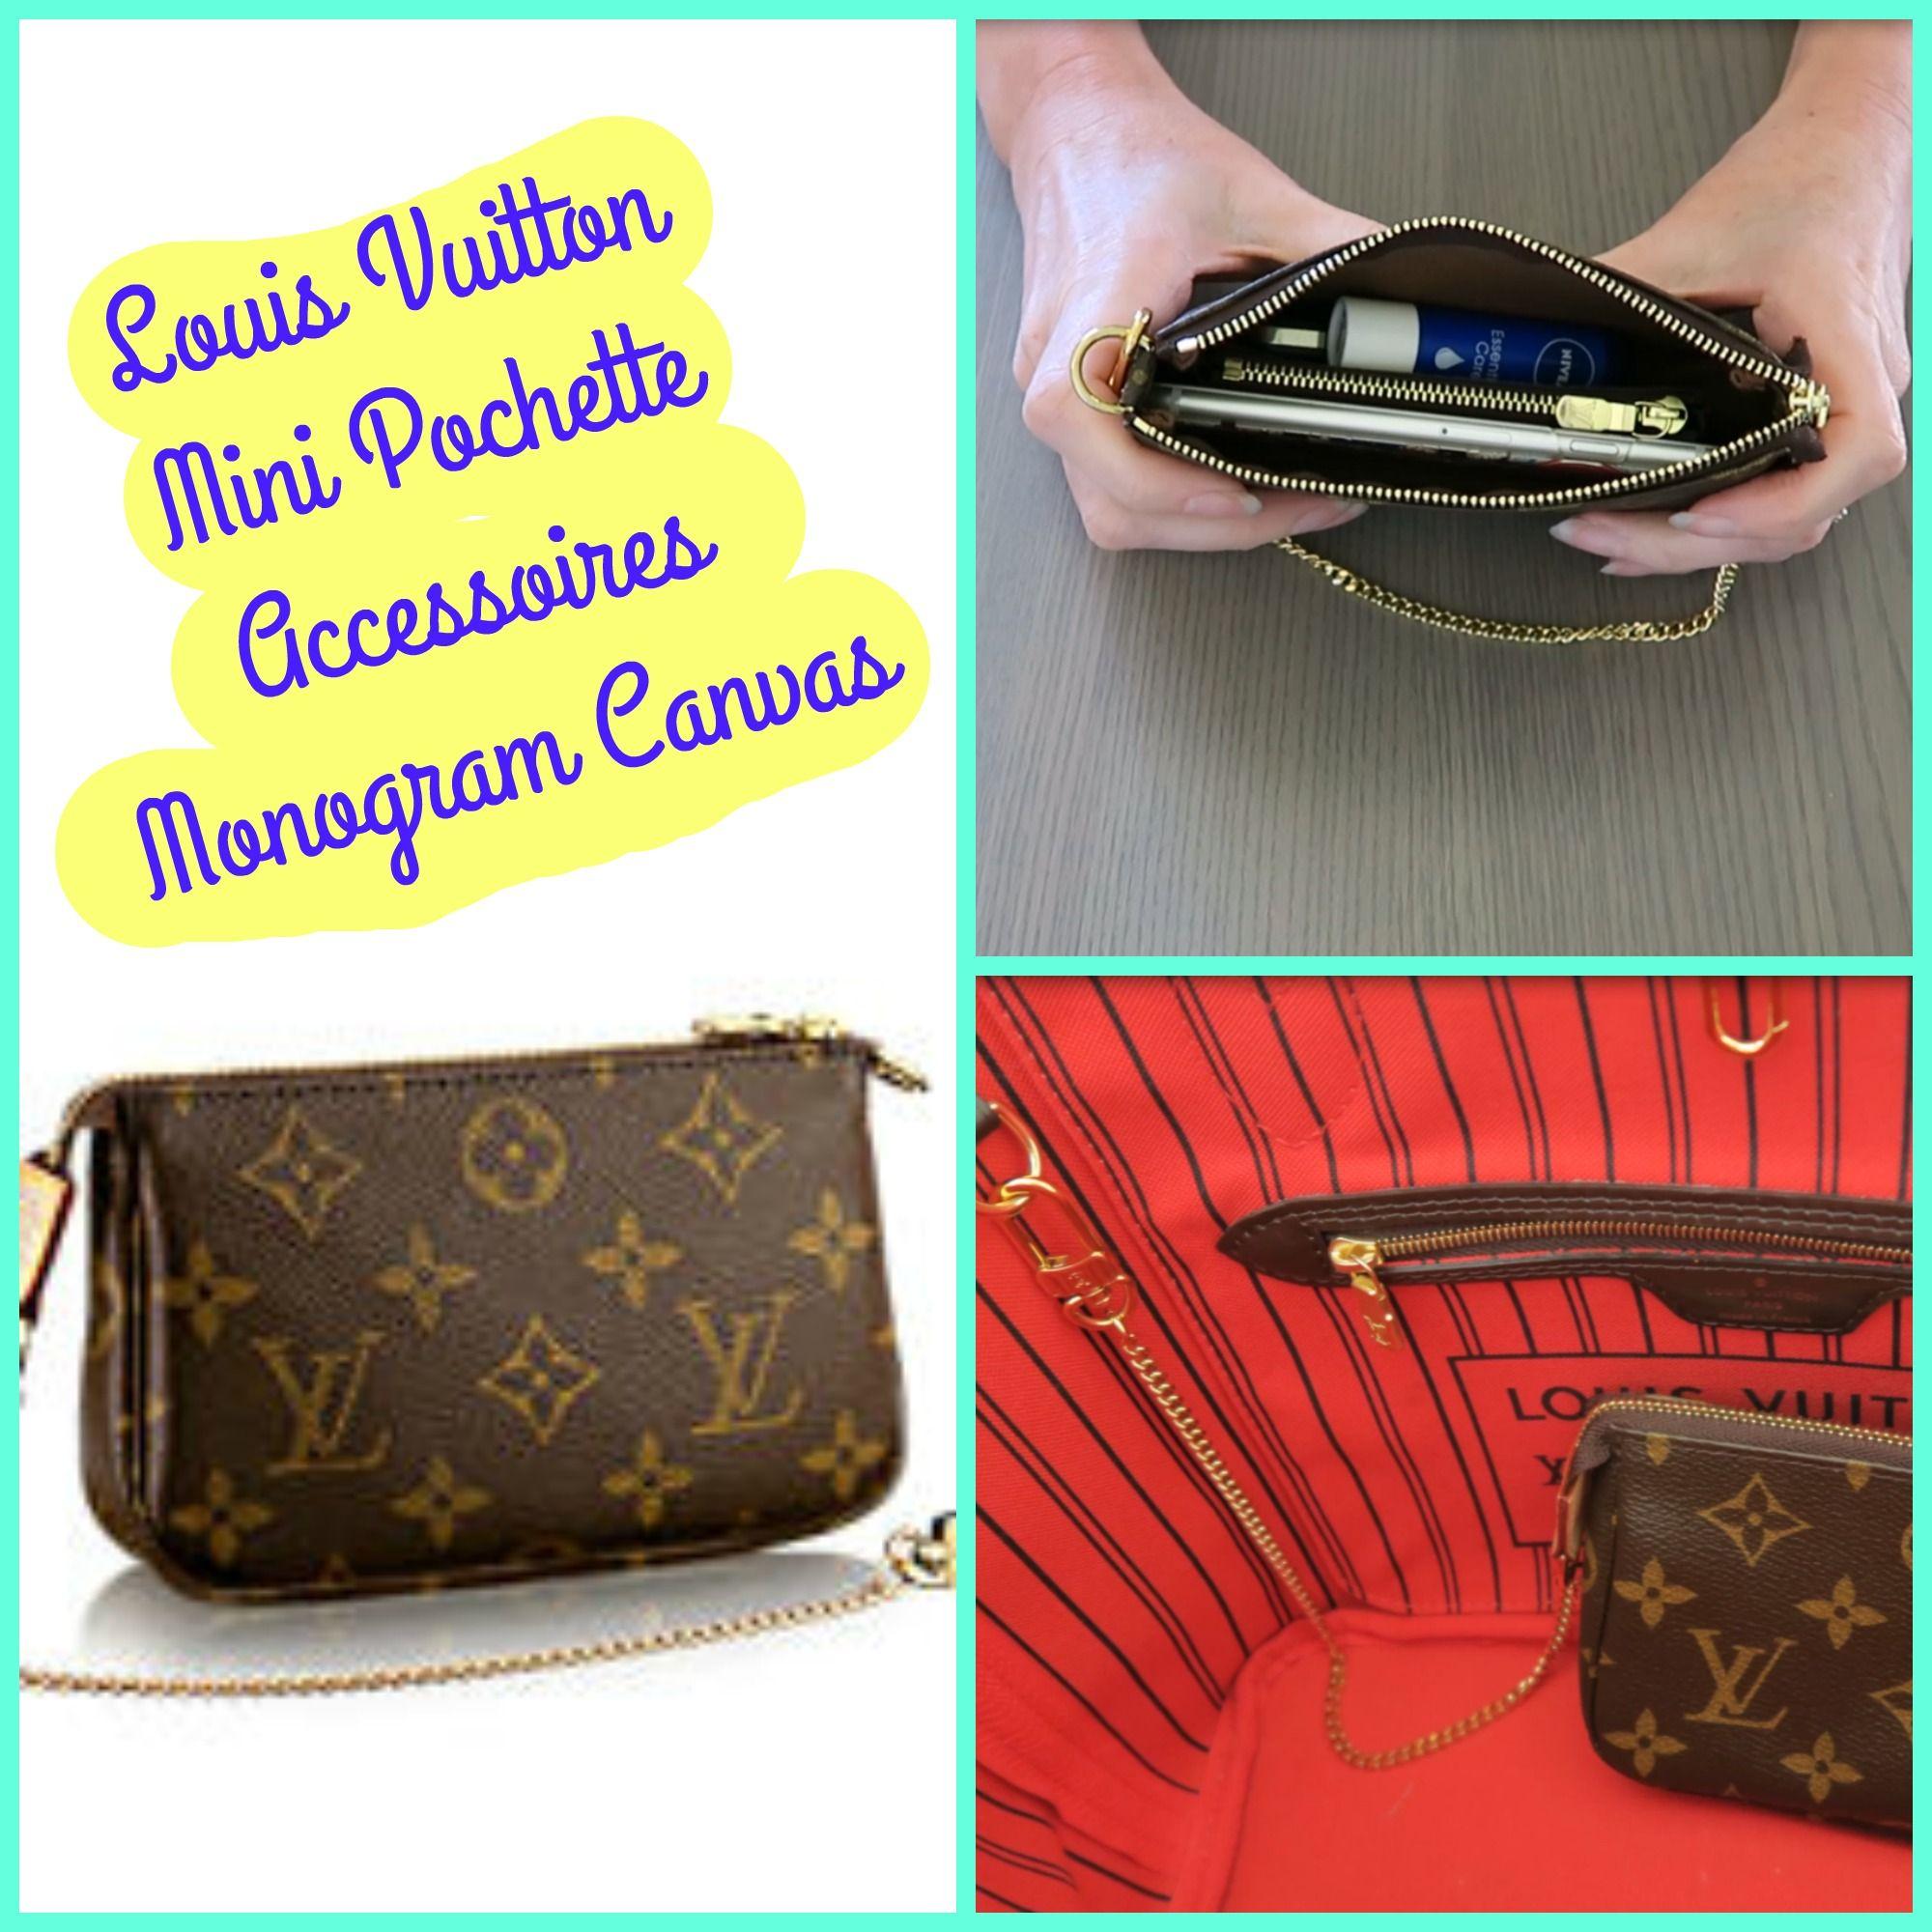 Louis Vuitton Mini Pochette Accessoires in the Monogram canvas. Great as a  wristlet purse or make up bag. 3d1fec1b09d